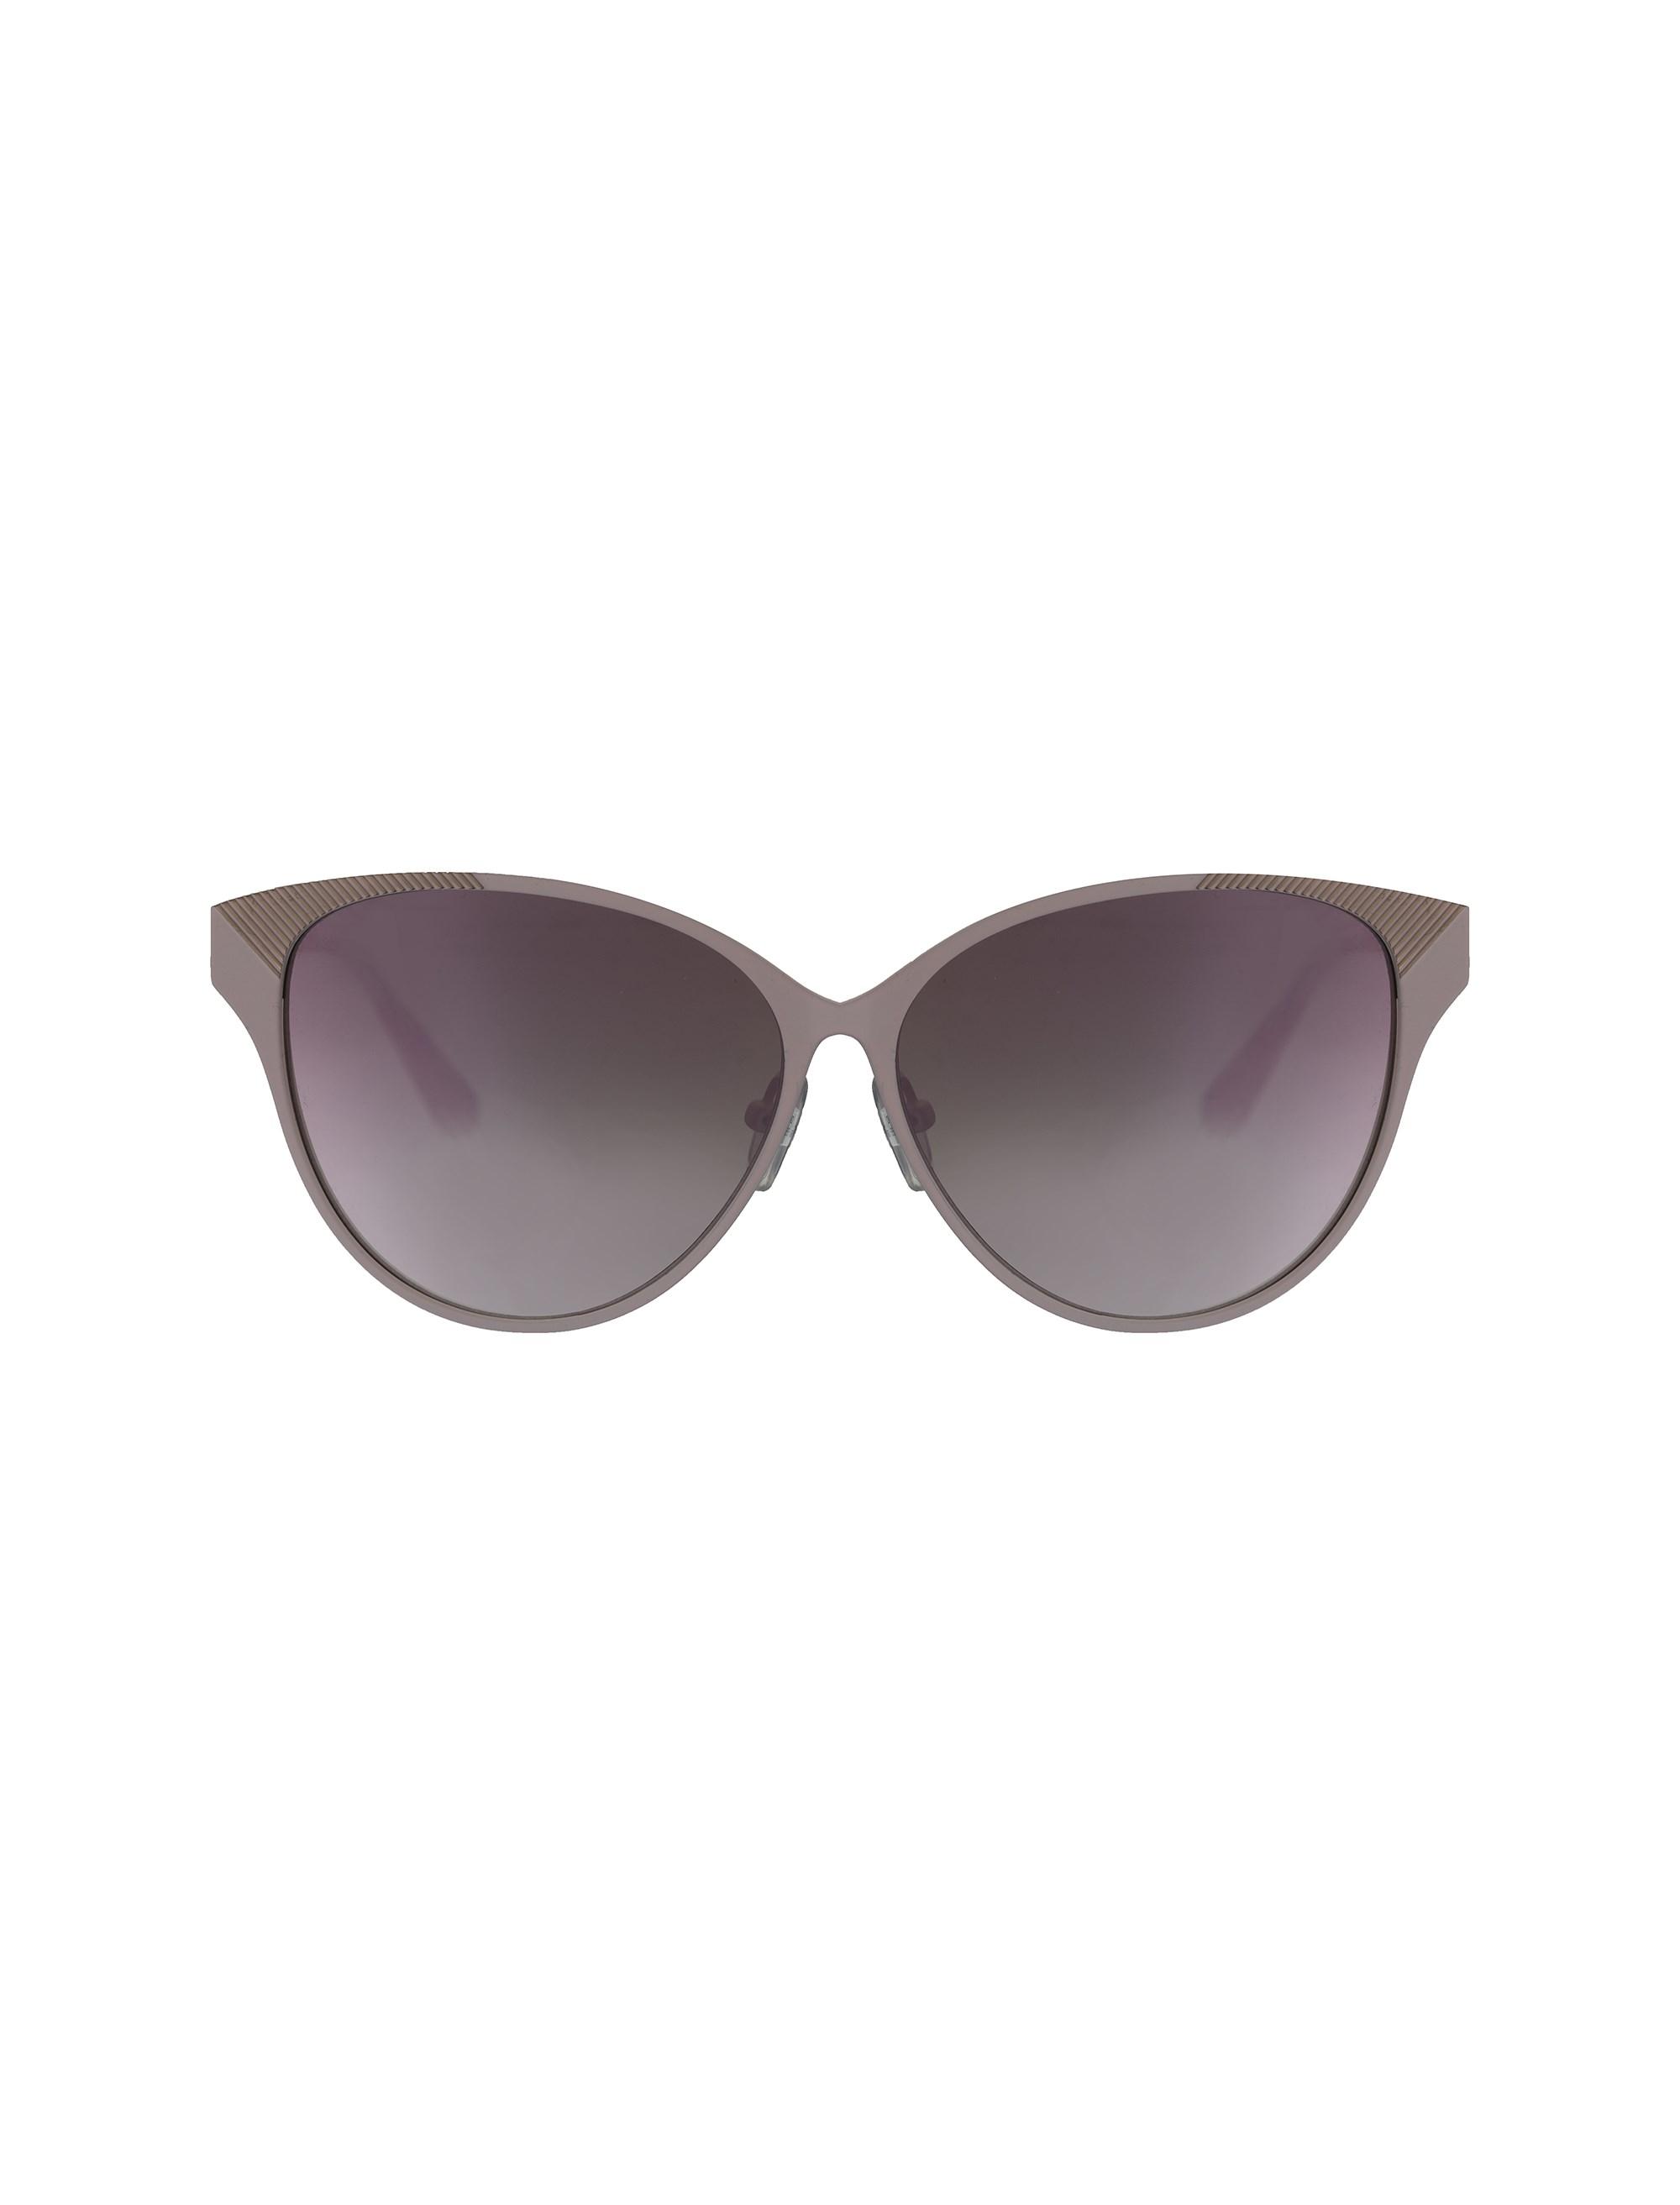 قیمت عینک آفتابی گربه ای زنانه - تد بیکر